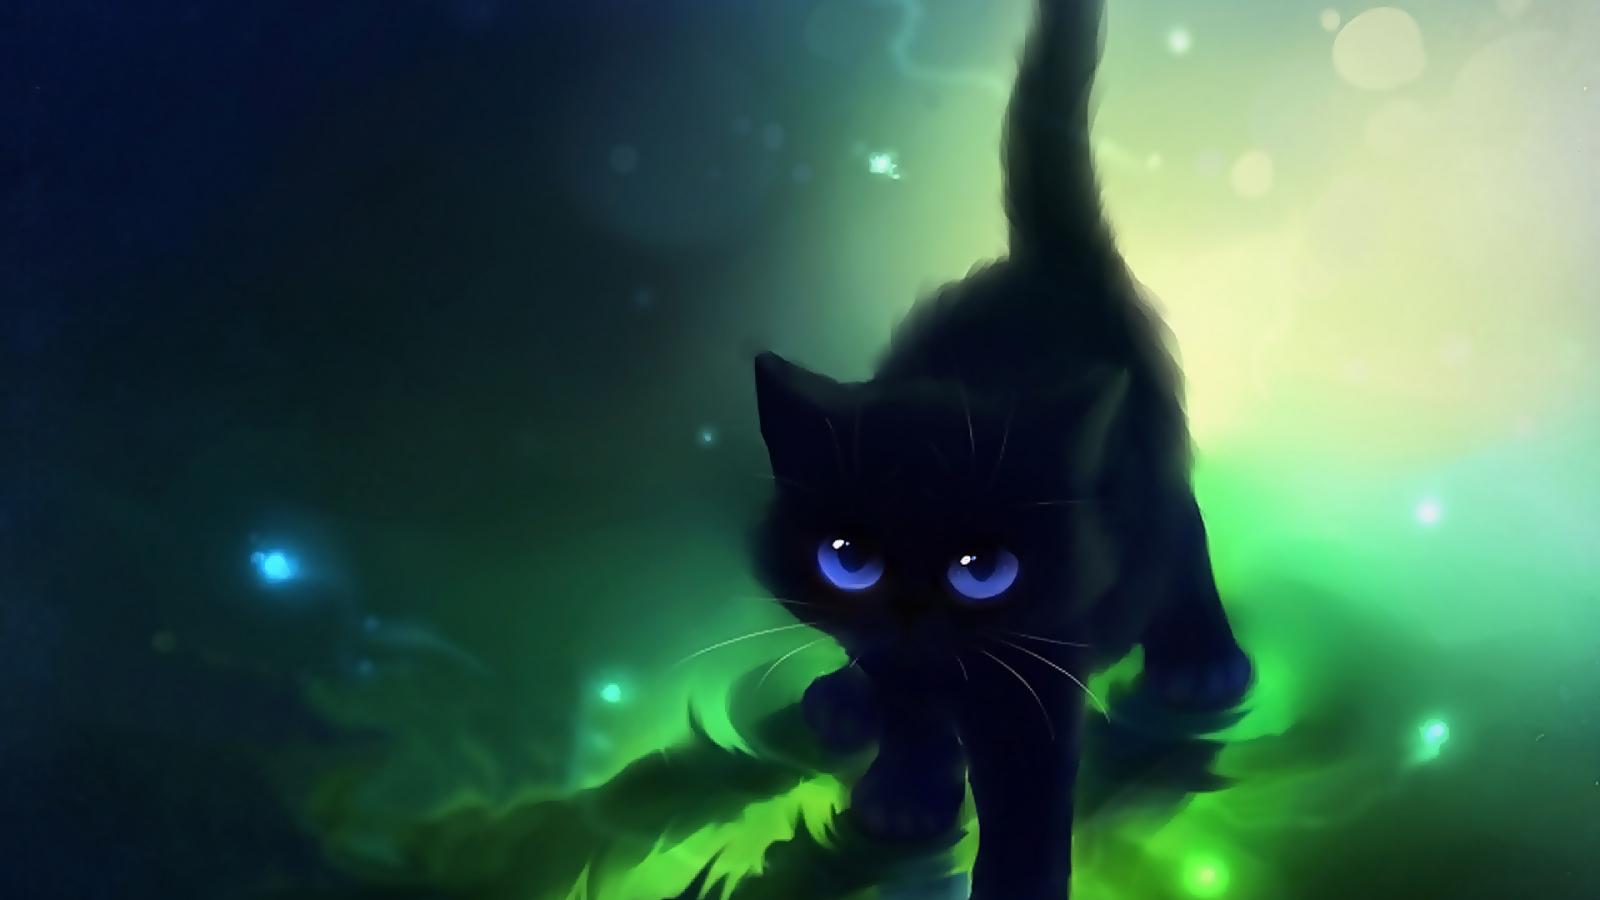 Free Download Cute Black Cat Cartoon Cute Black Cat Blue Eyes Cute